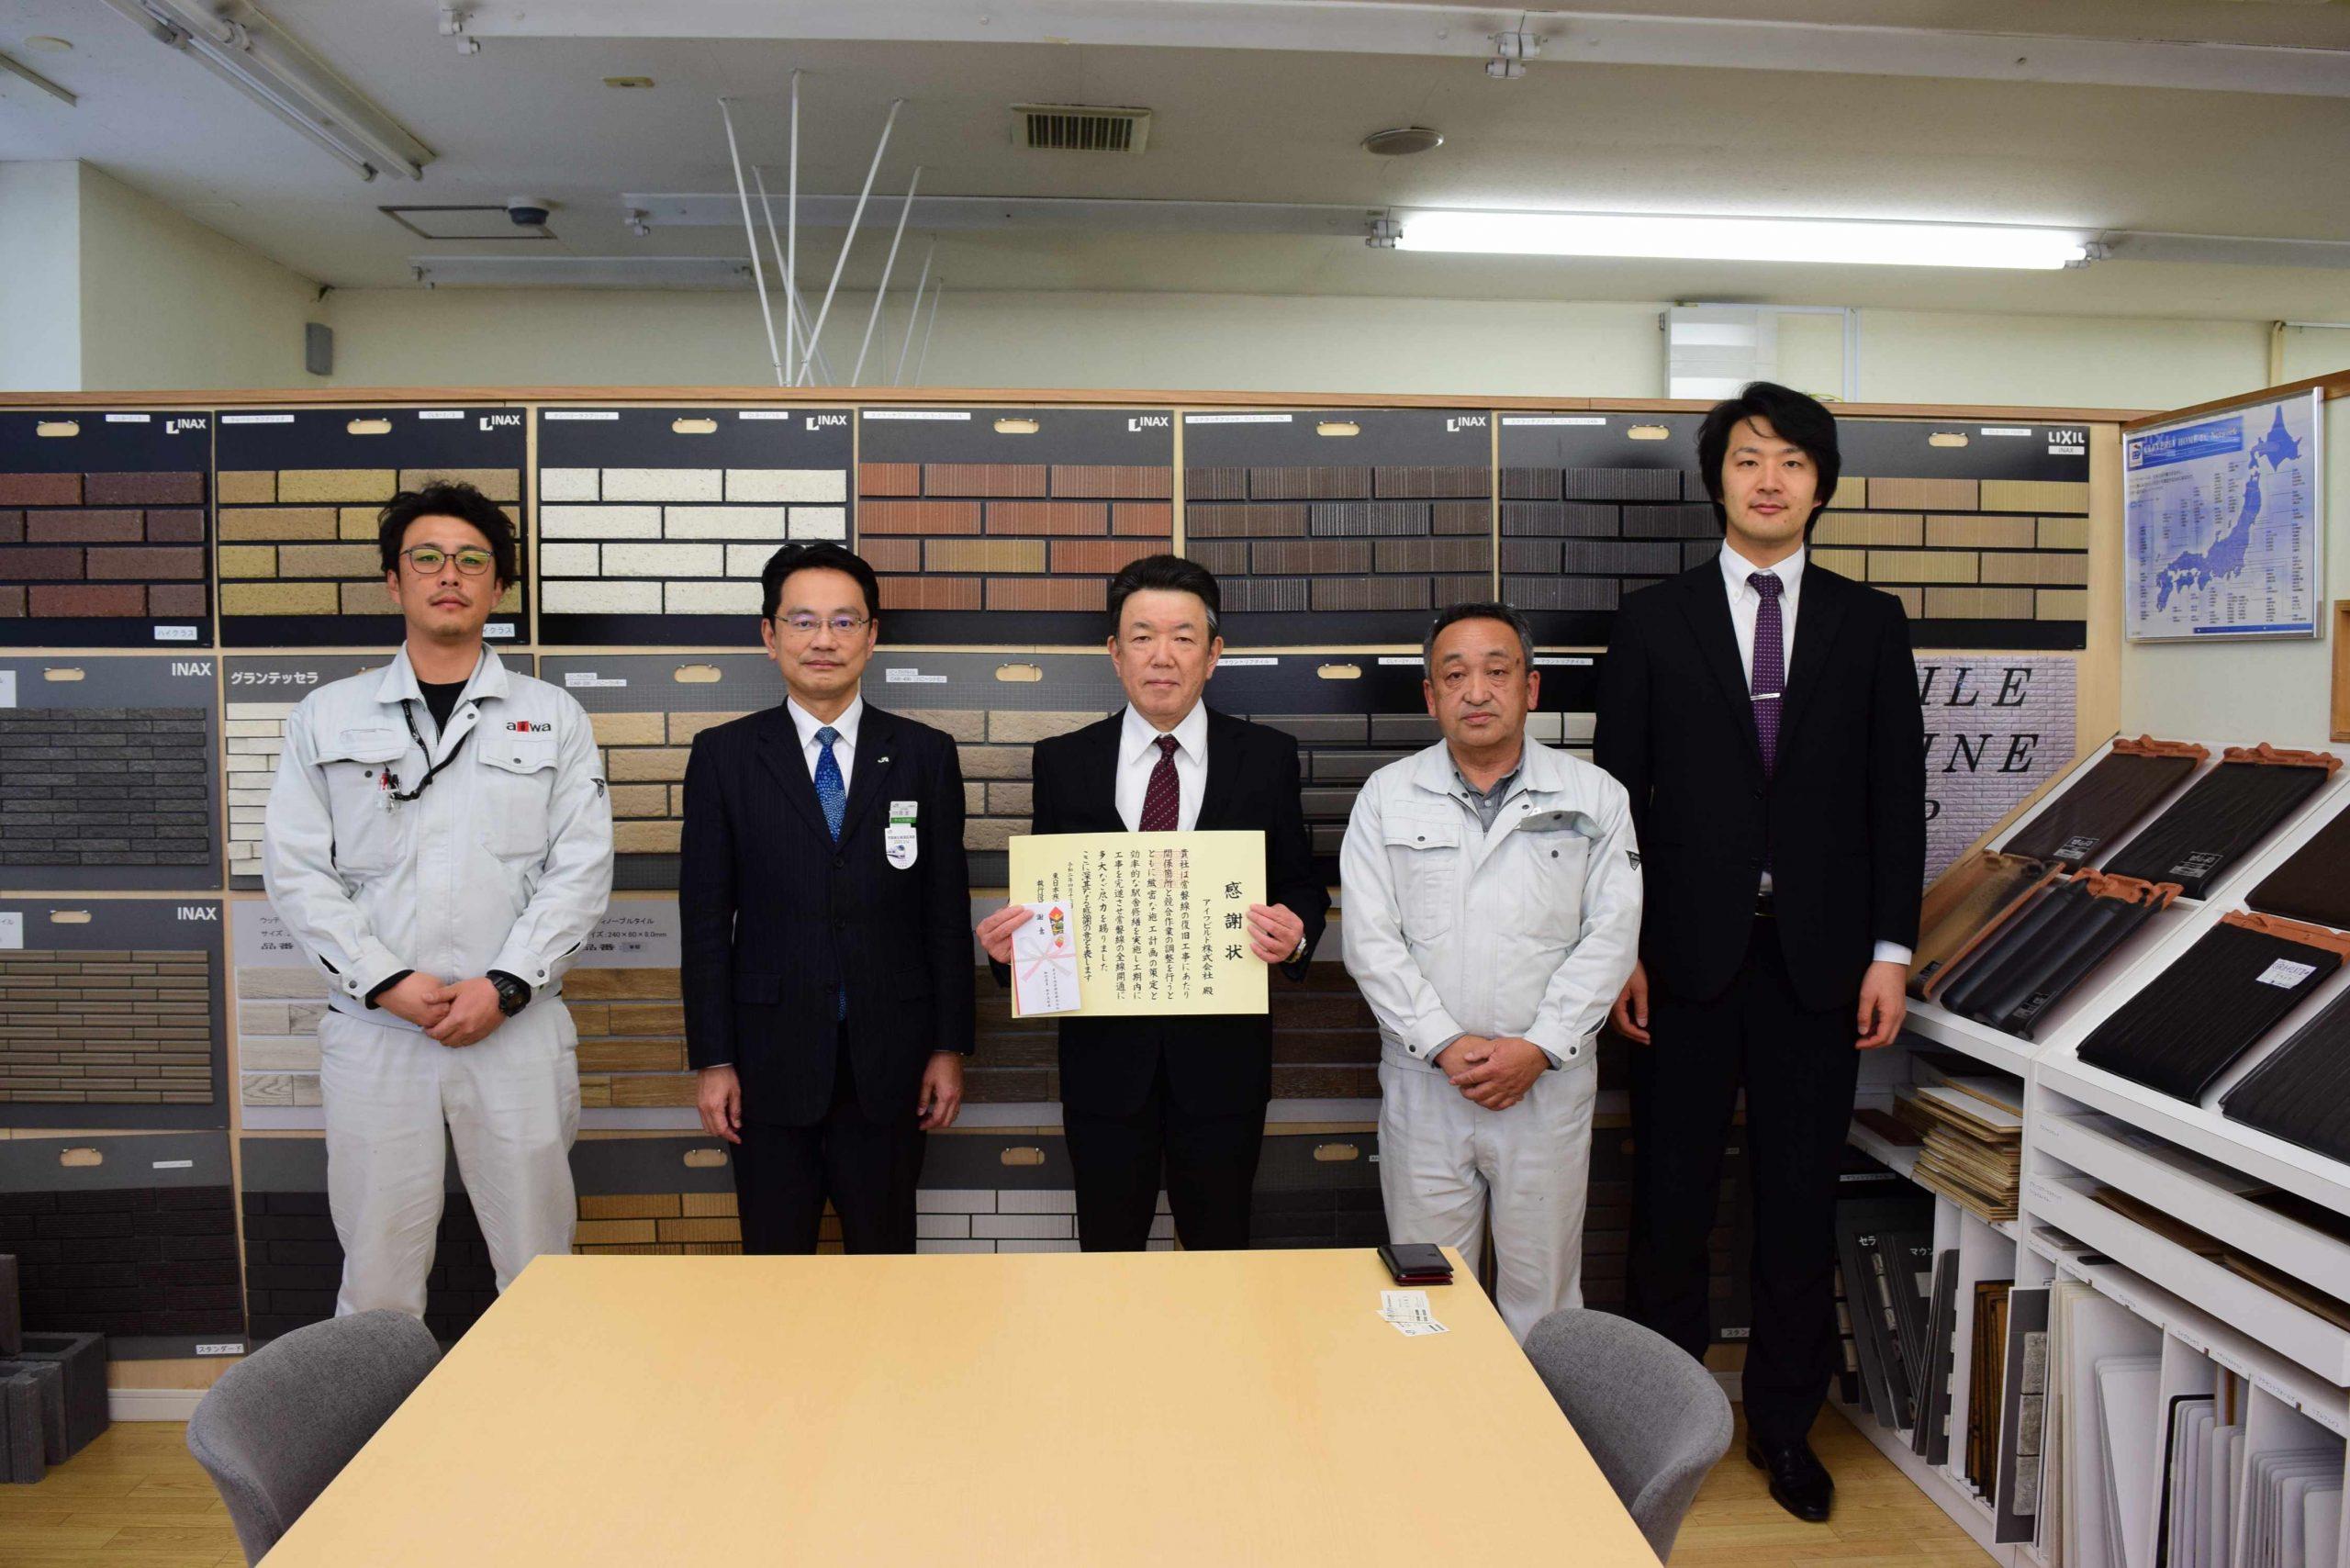 東日本旅客鉄道株式会社様より感謝状をいただきました